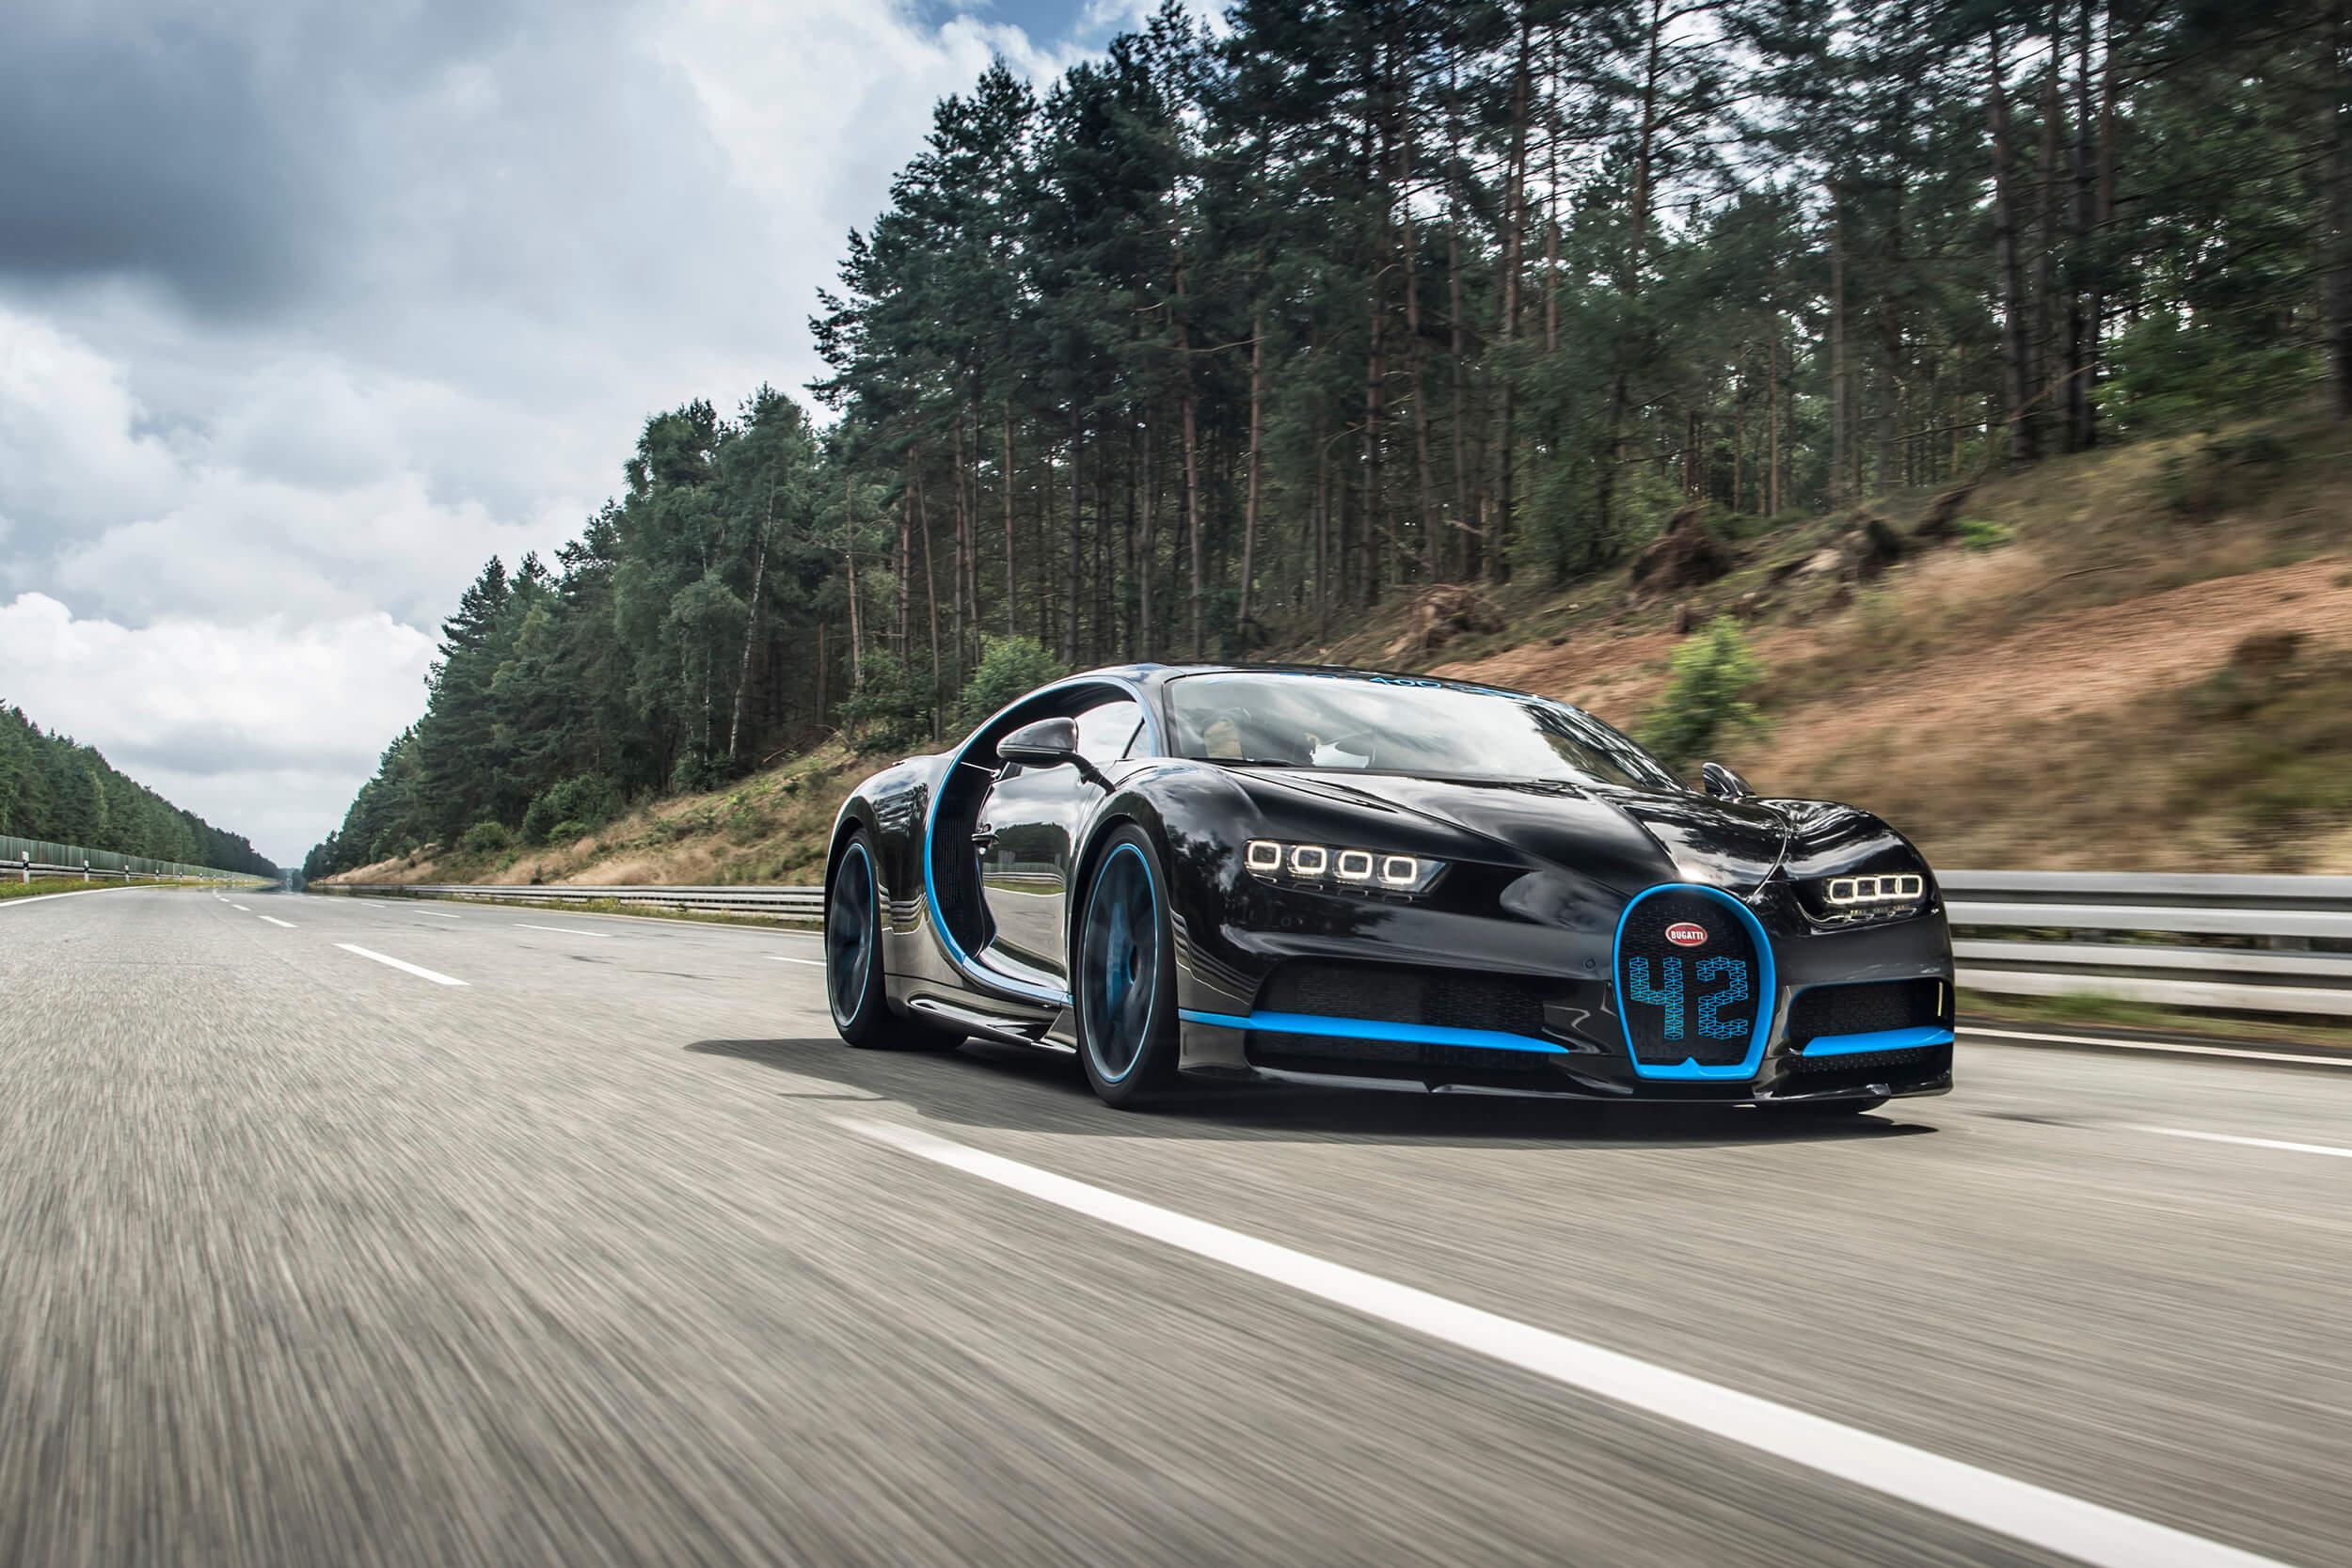 06_CHIRON_ZERO-400-ZERO_dynamic_crop_WEB Gorgeous Bugatti Veyron Zero to 60 Cars Trend